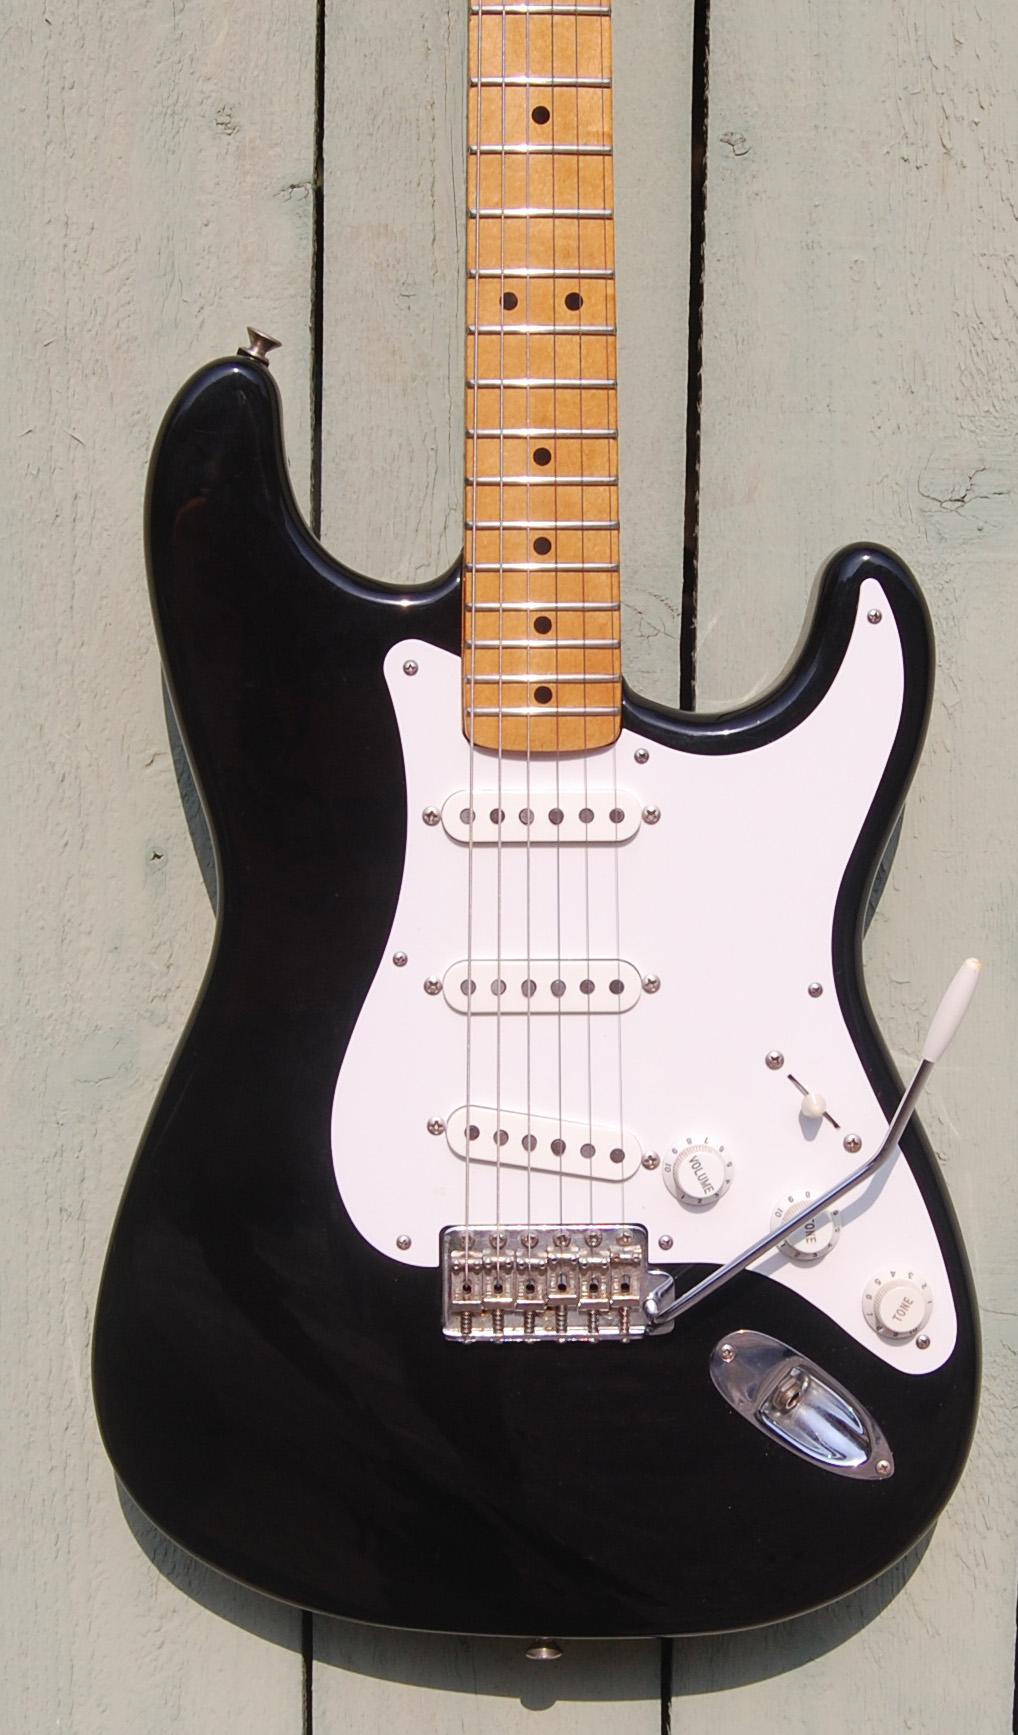 1988 57 black cu